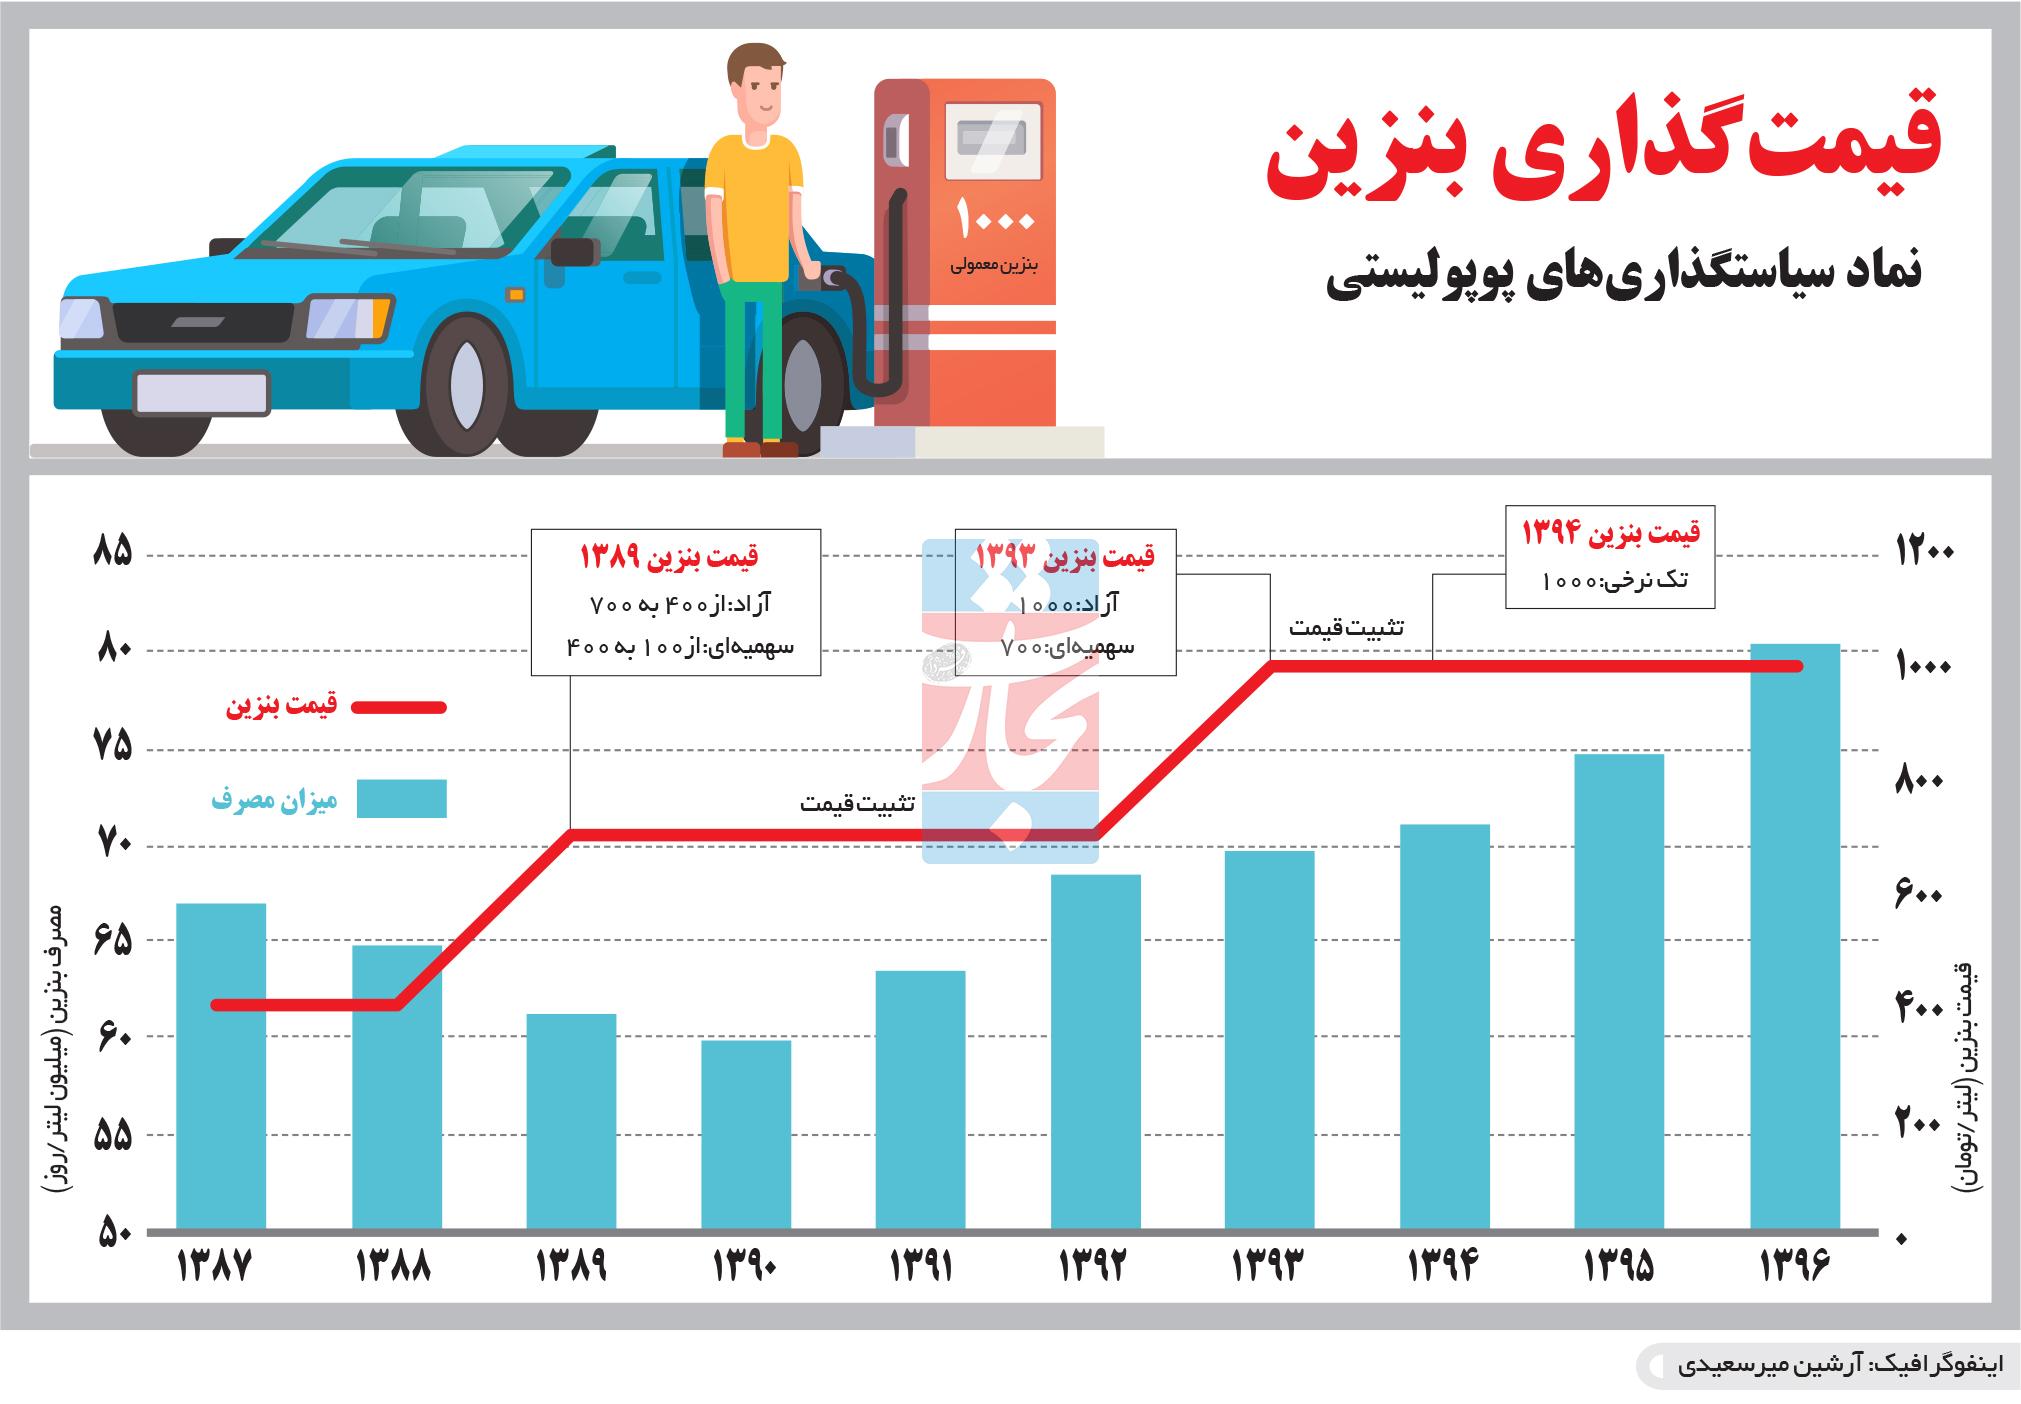 تجارت فردا- اینفوگرافیک- قیمتگذاری بنزین